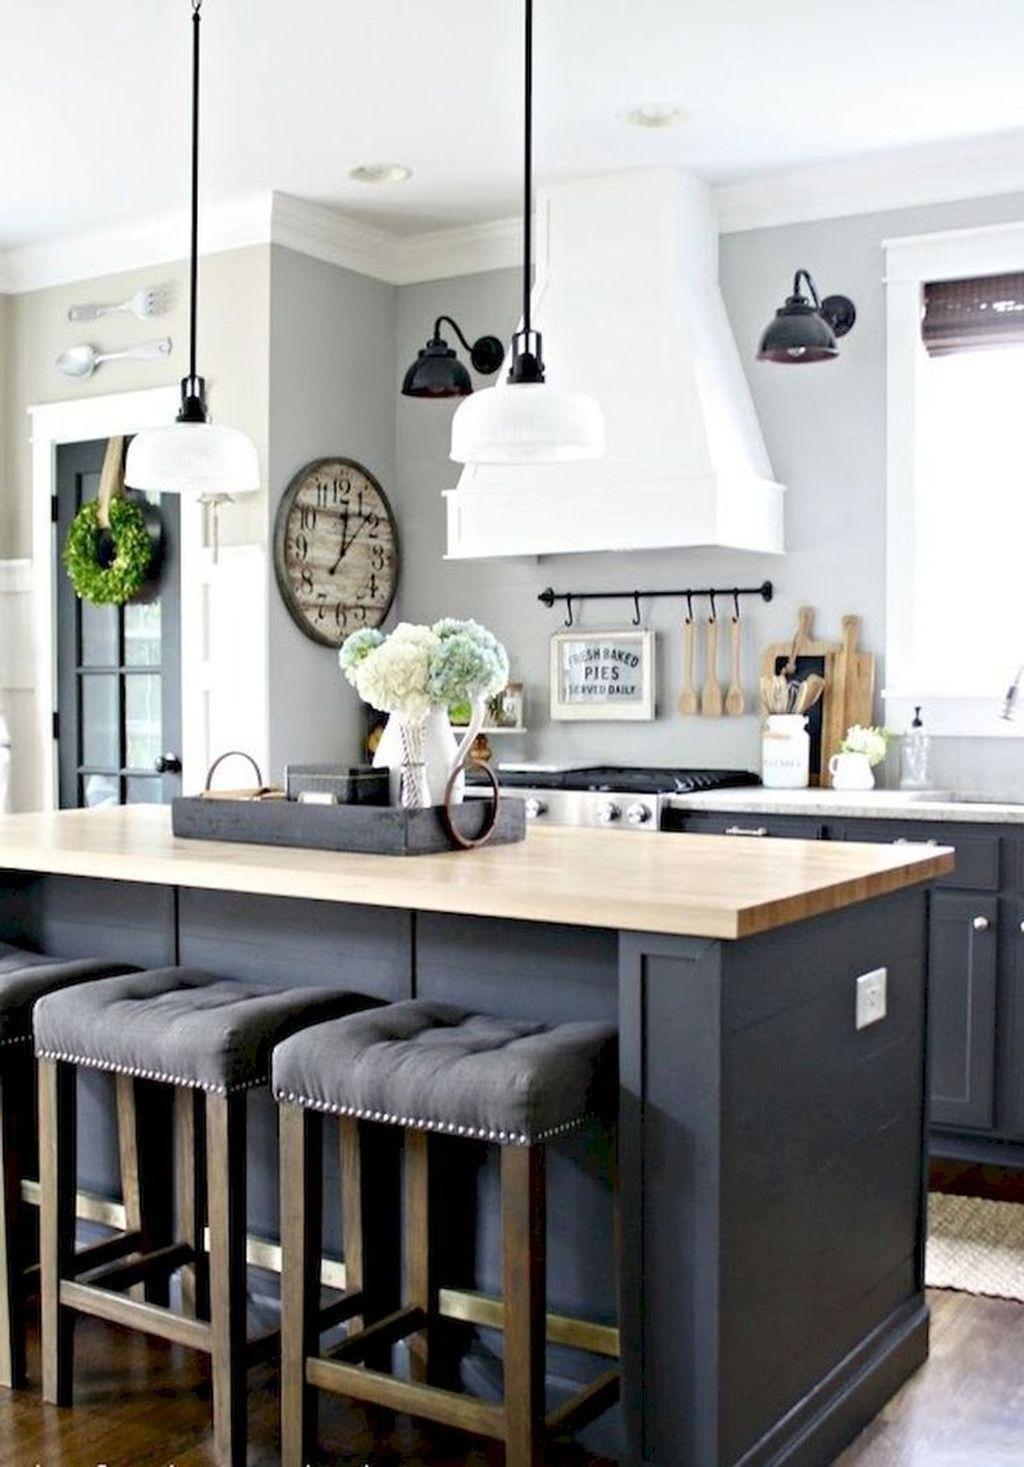 38 Gorgeous Farmhouse Kitchen Island Decor Ideas Popy Home Diy Kitchen Renovation Modern Farmhouse Kitchens Kitchen Cabinet Design